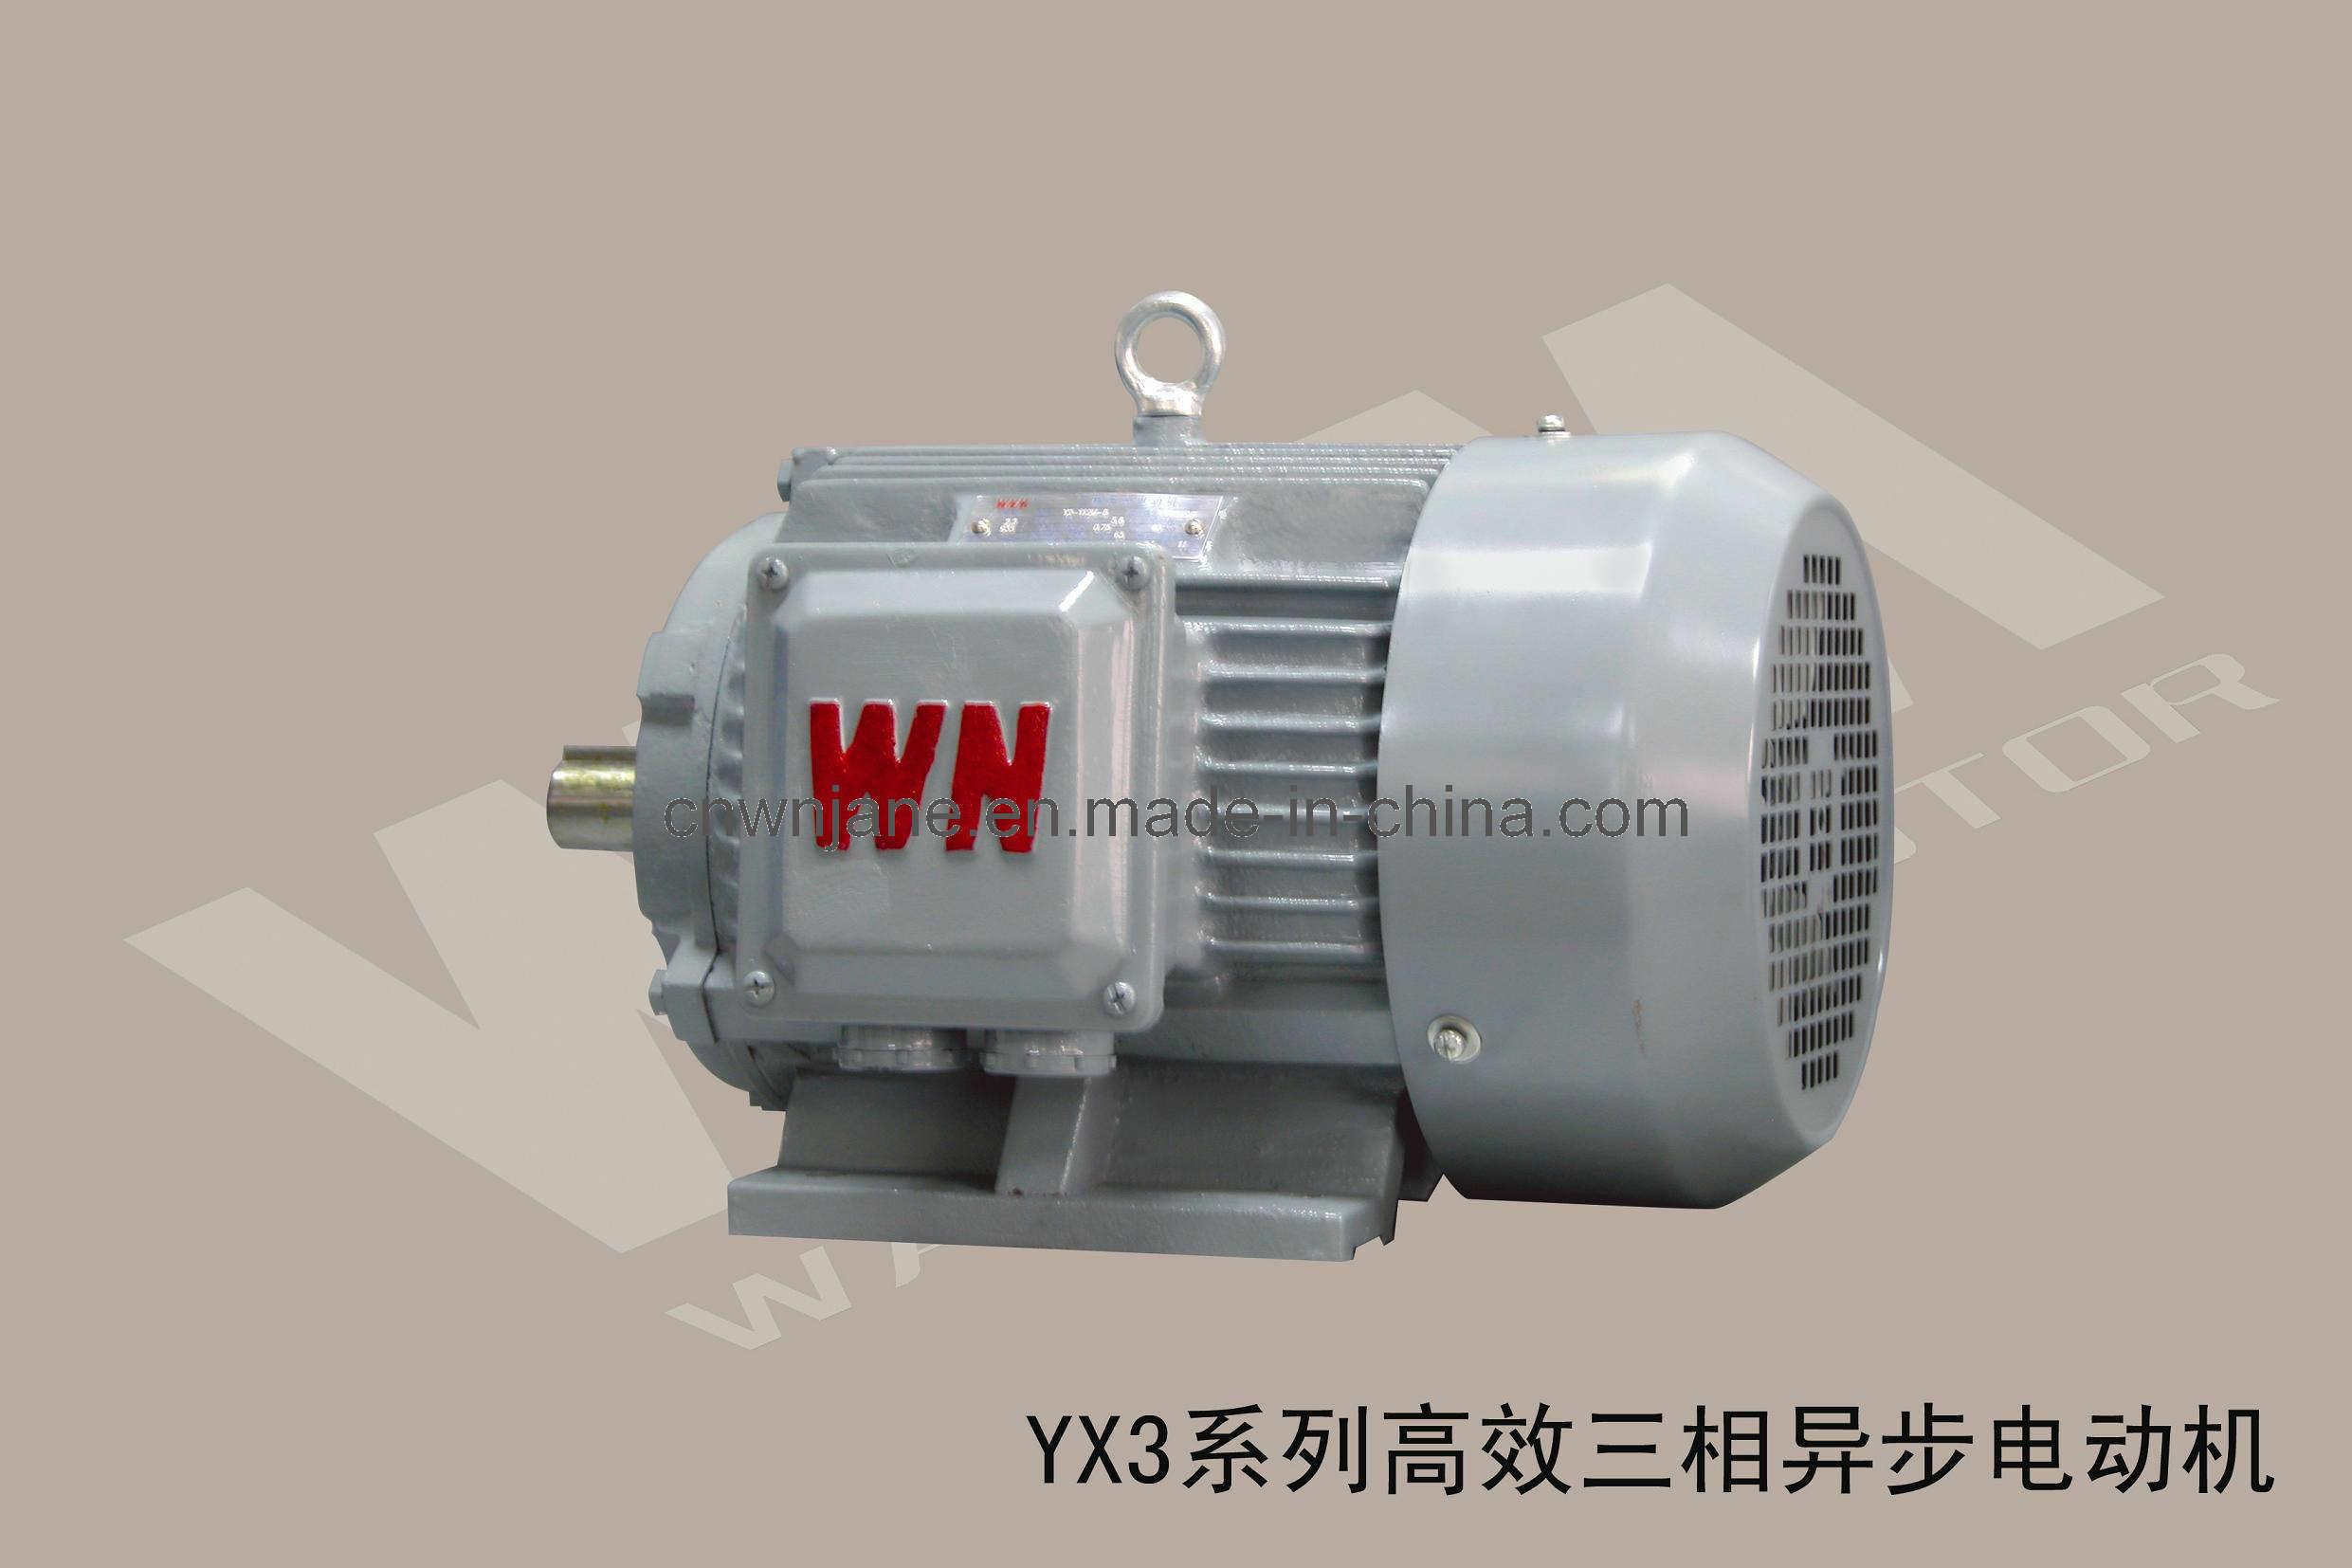 Motor De Ca Gb18613 2006 Iec Motor De Ca Gb18613 2006